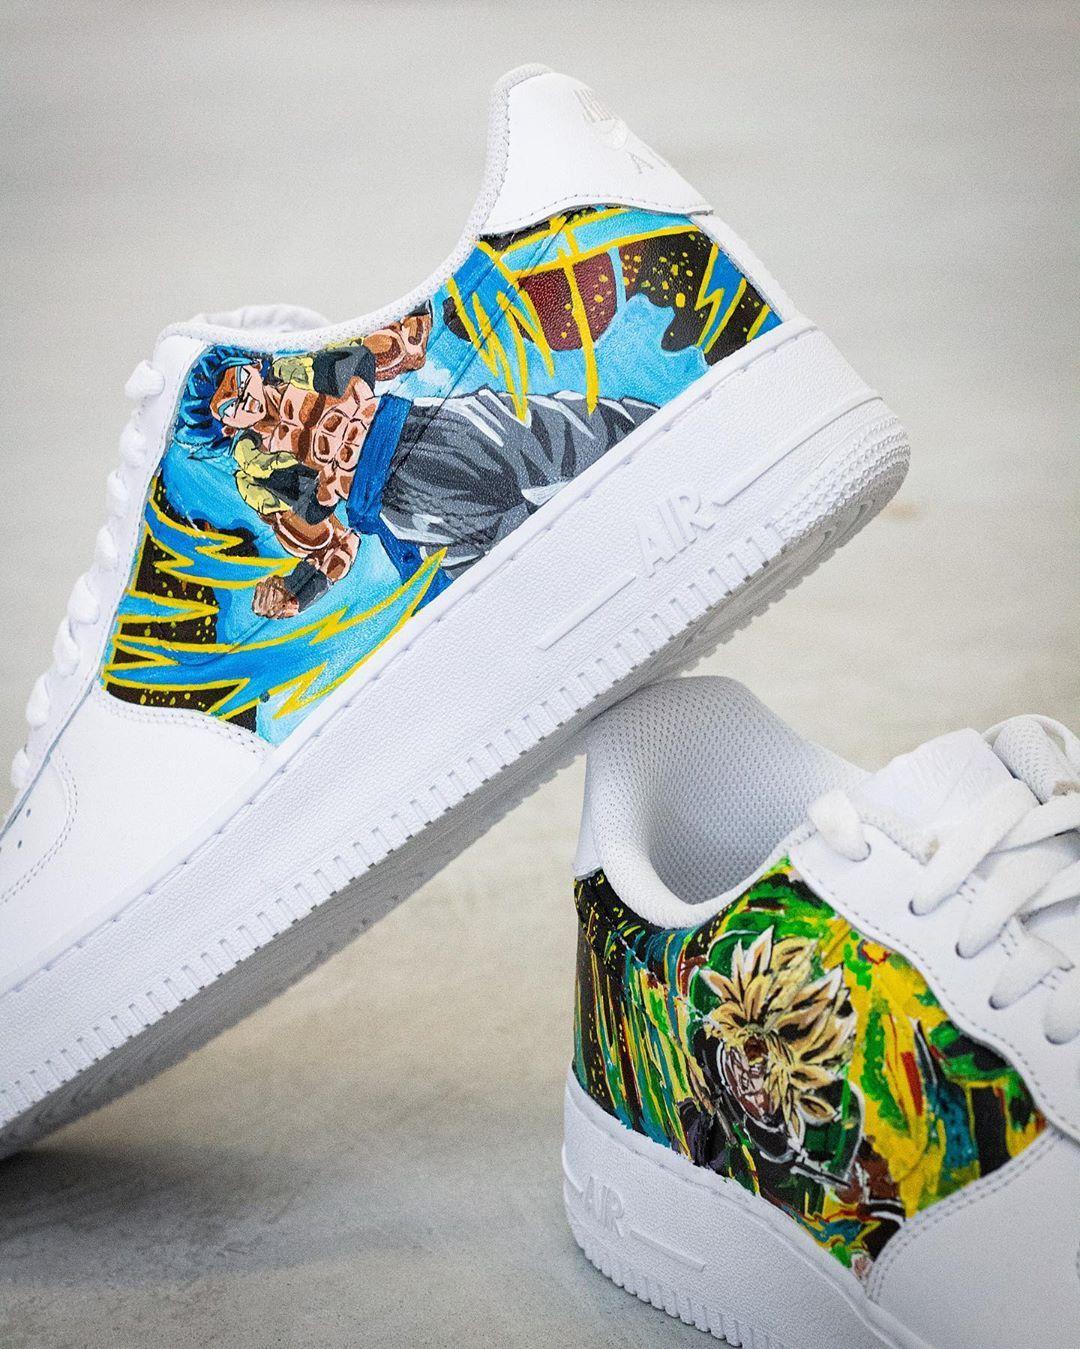 Agencia de viajes cocinar una comida discordia  Custom Sneaker By born_originals in 2020   Custom sneakers, Sneakers, Air  force